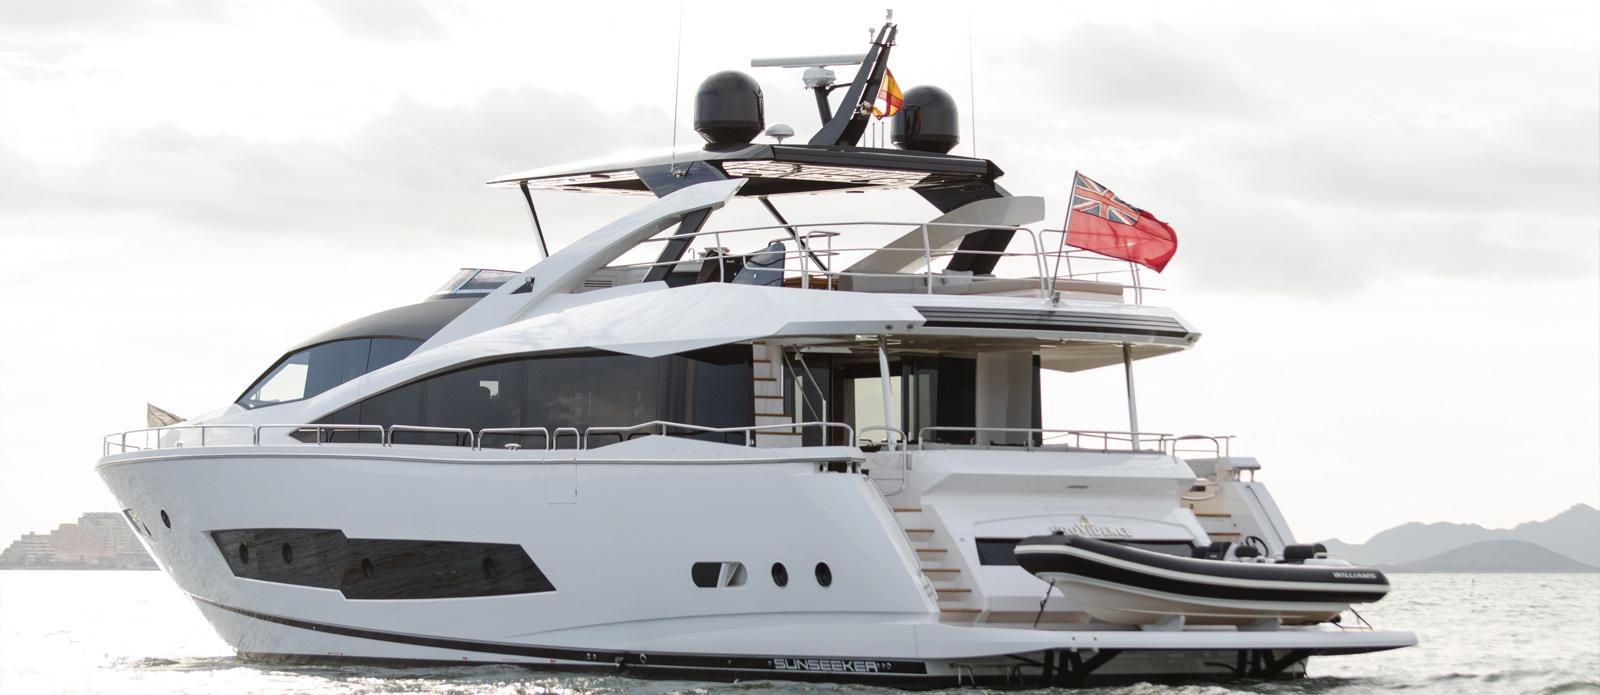 Sunseeker 86 Yacht - Exterior-2